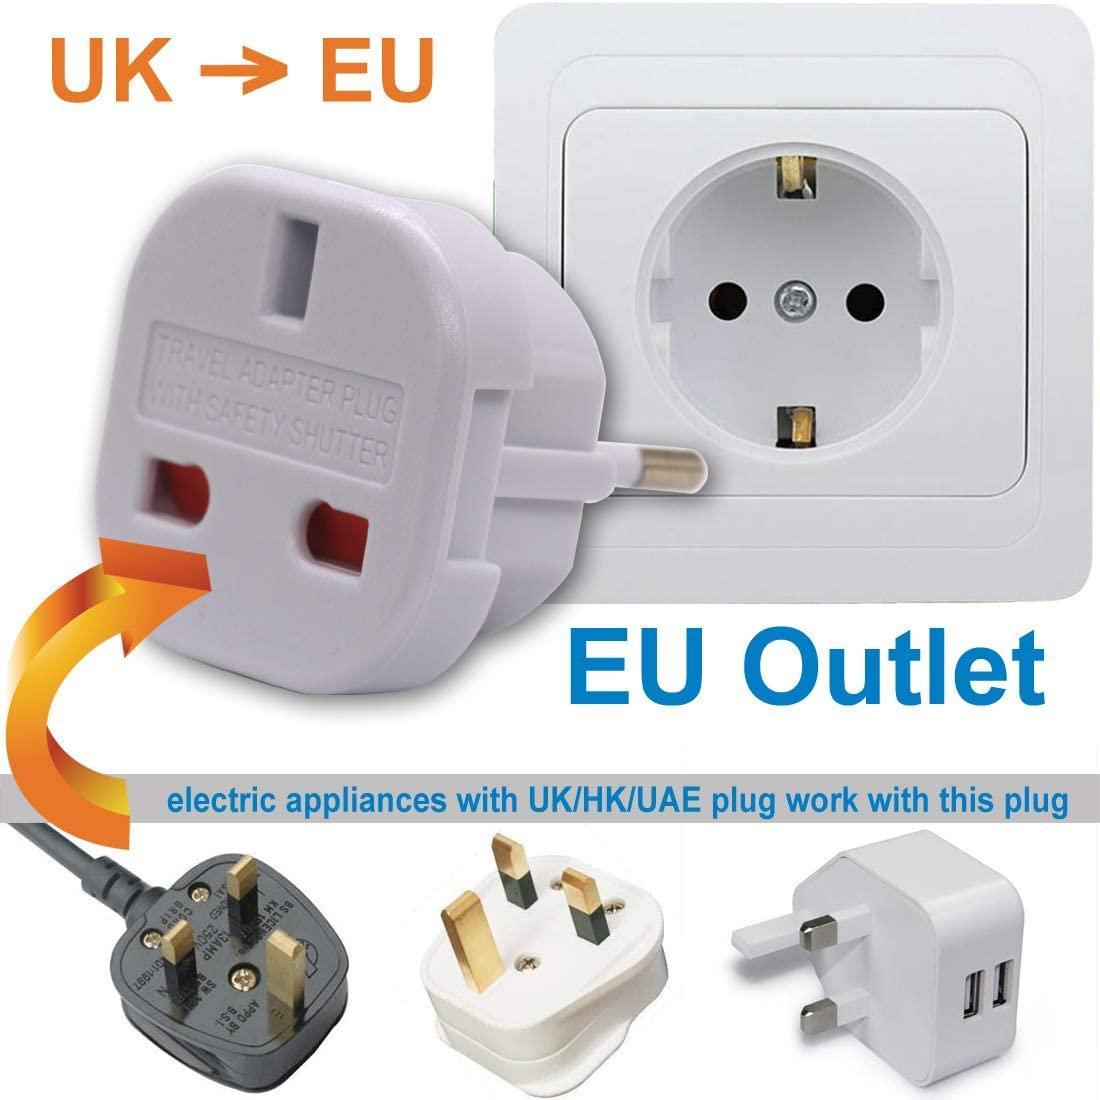 Adaptador de viagem para UAE / UK converter para o tipo UE C Socket (NÃO plugue E / F) com segurança Shutter, Reino Unido para plugue da UE)